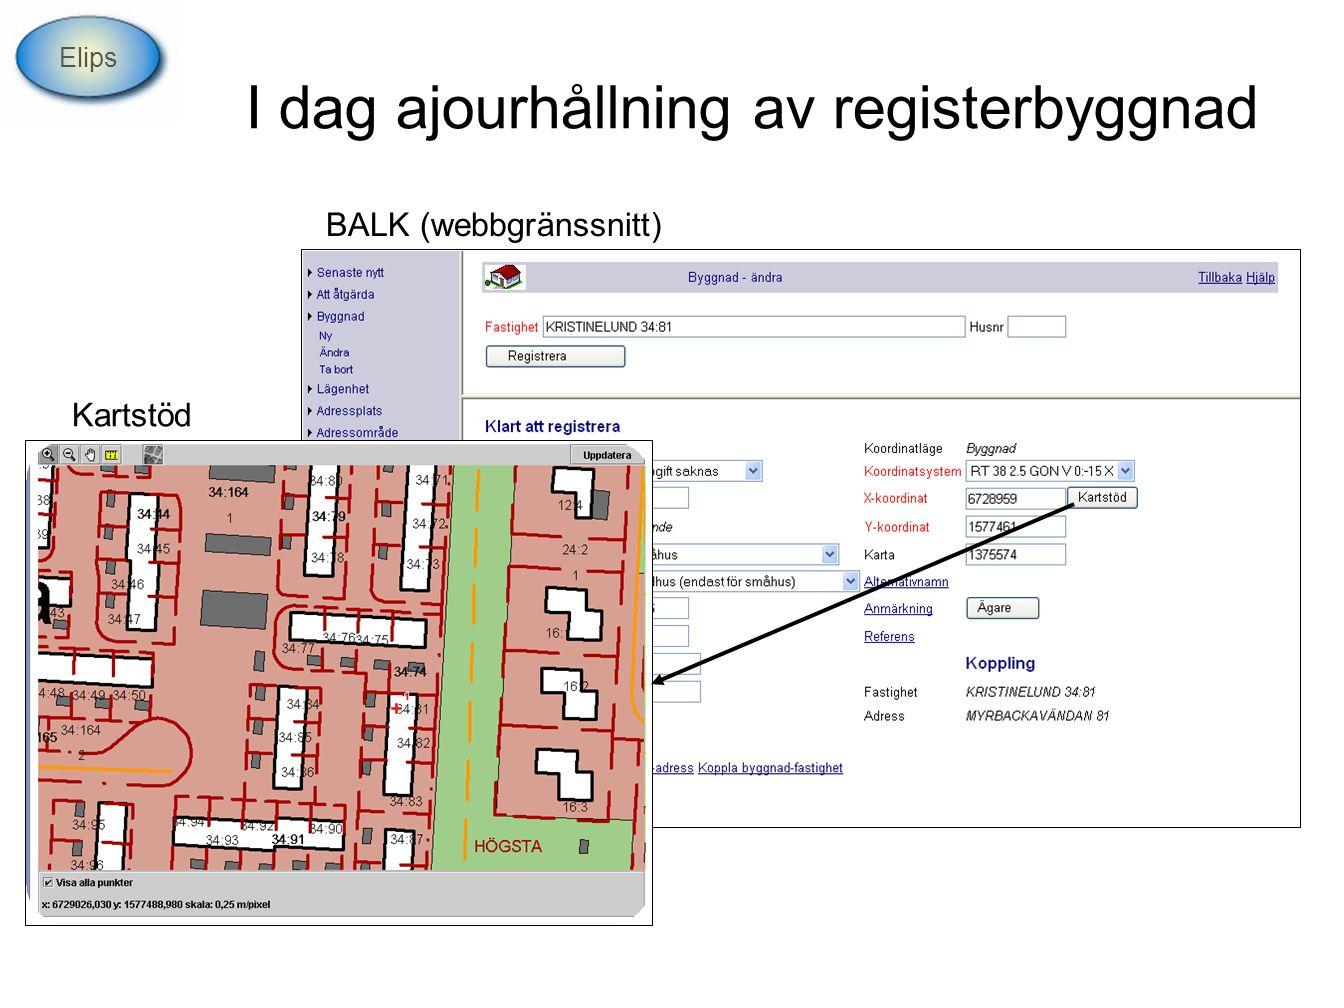 I dag ajourhållning av registerbyggnad BALK (webbgränssnitt) Kartstöd Elips